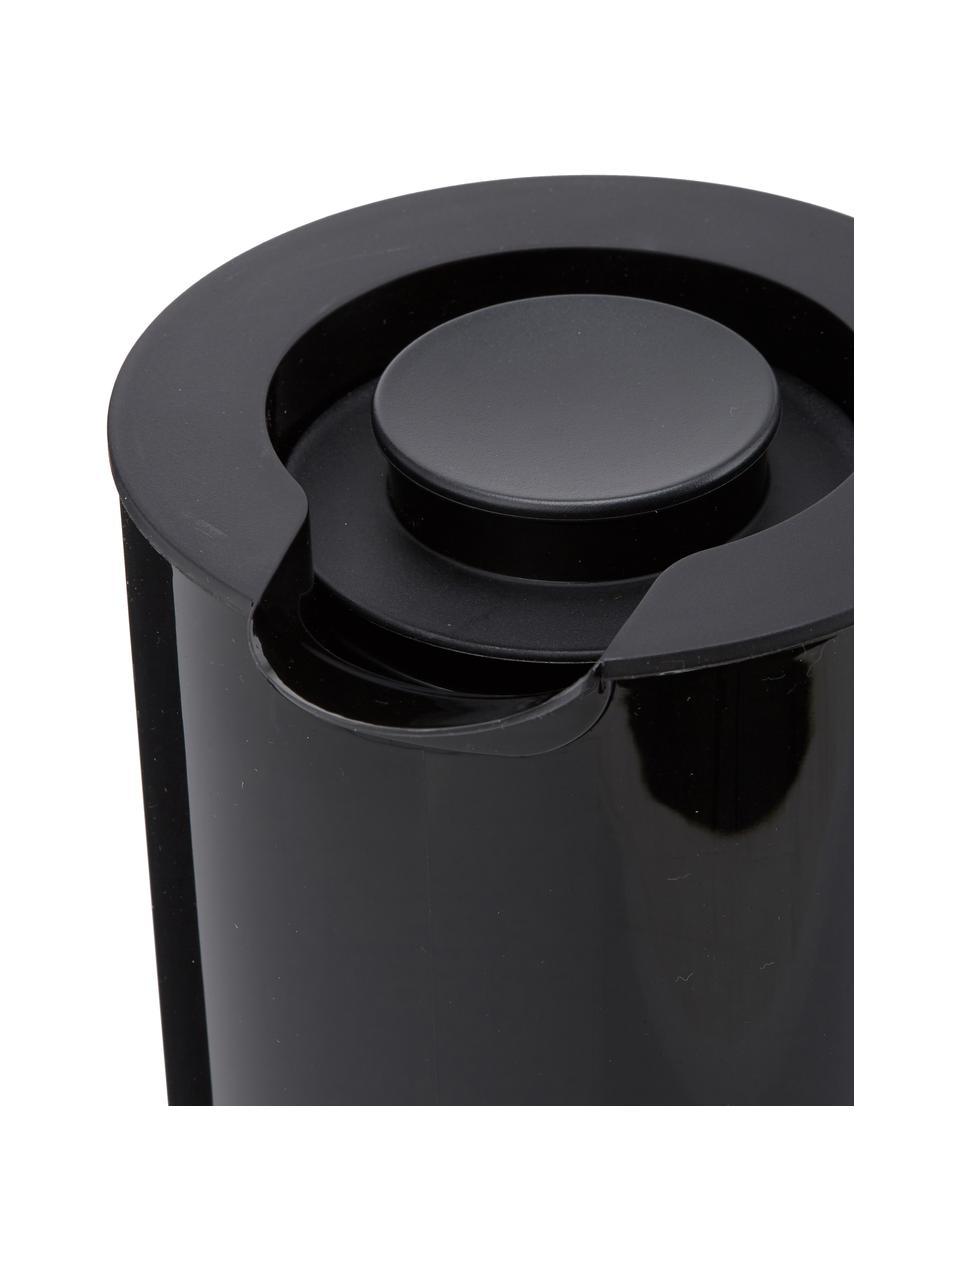 Waterkoker EM77 in zwart glanzend, Zwart, Ø 13 x H 25 cm